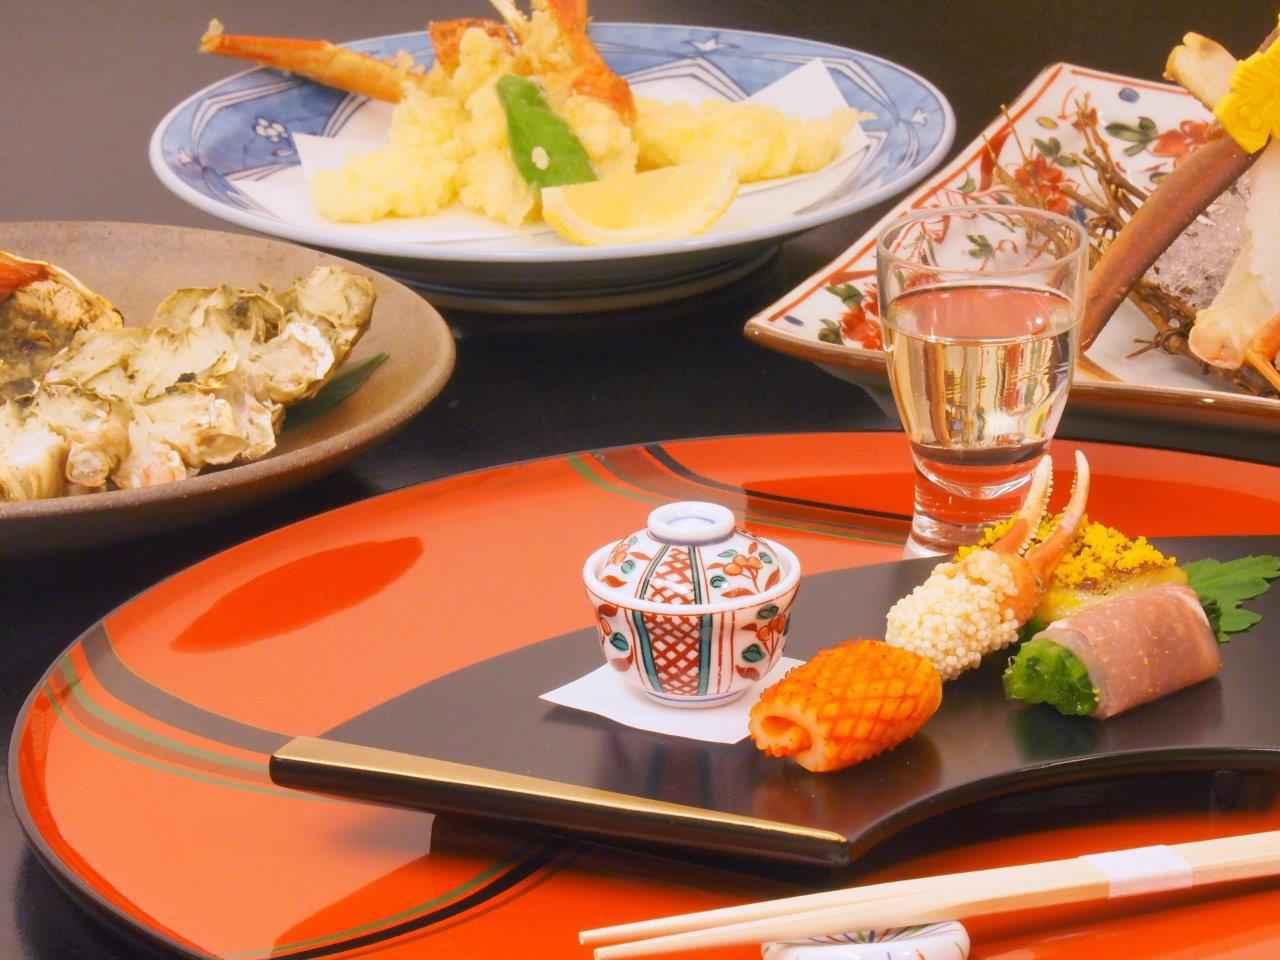 画像: 『往復グランクラス利用 タグ付き越前蟹と加能蟹を食べ比べ 「花紫」と「つるや」3日間』<四季の華/18名様以下/バス1人2席利用> クラブツーリズム